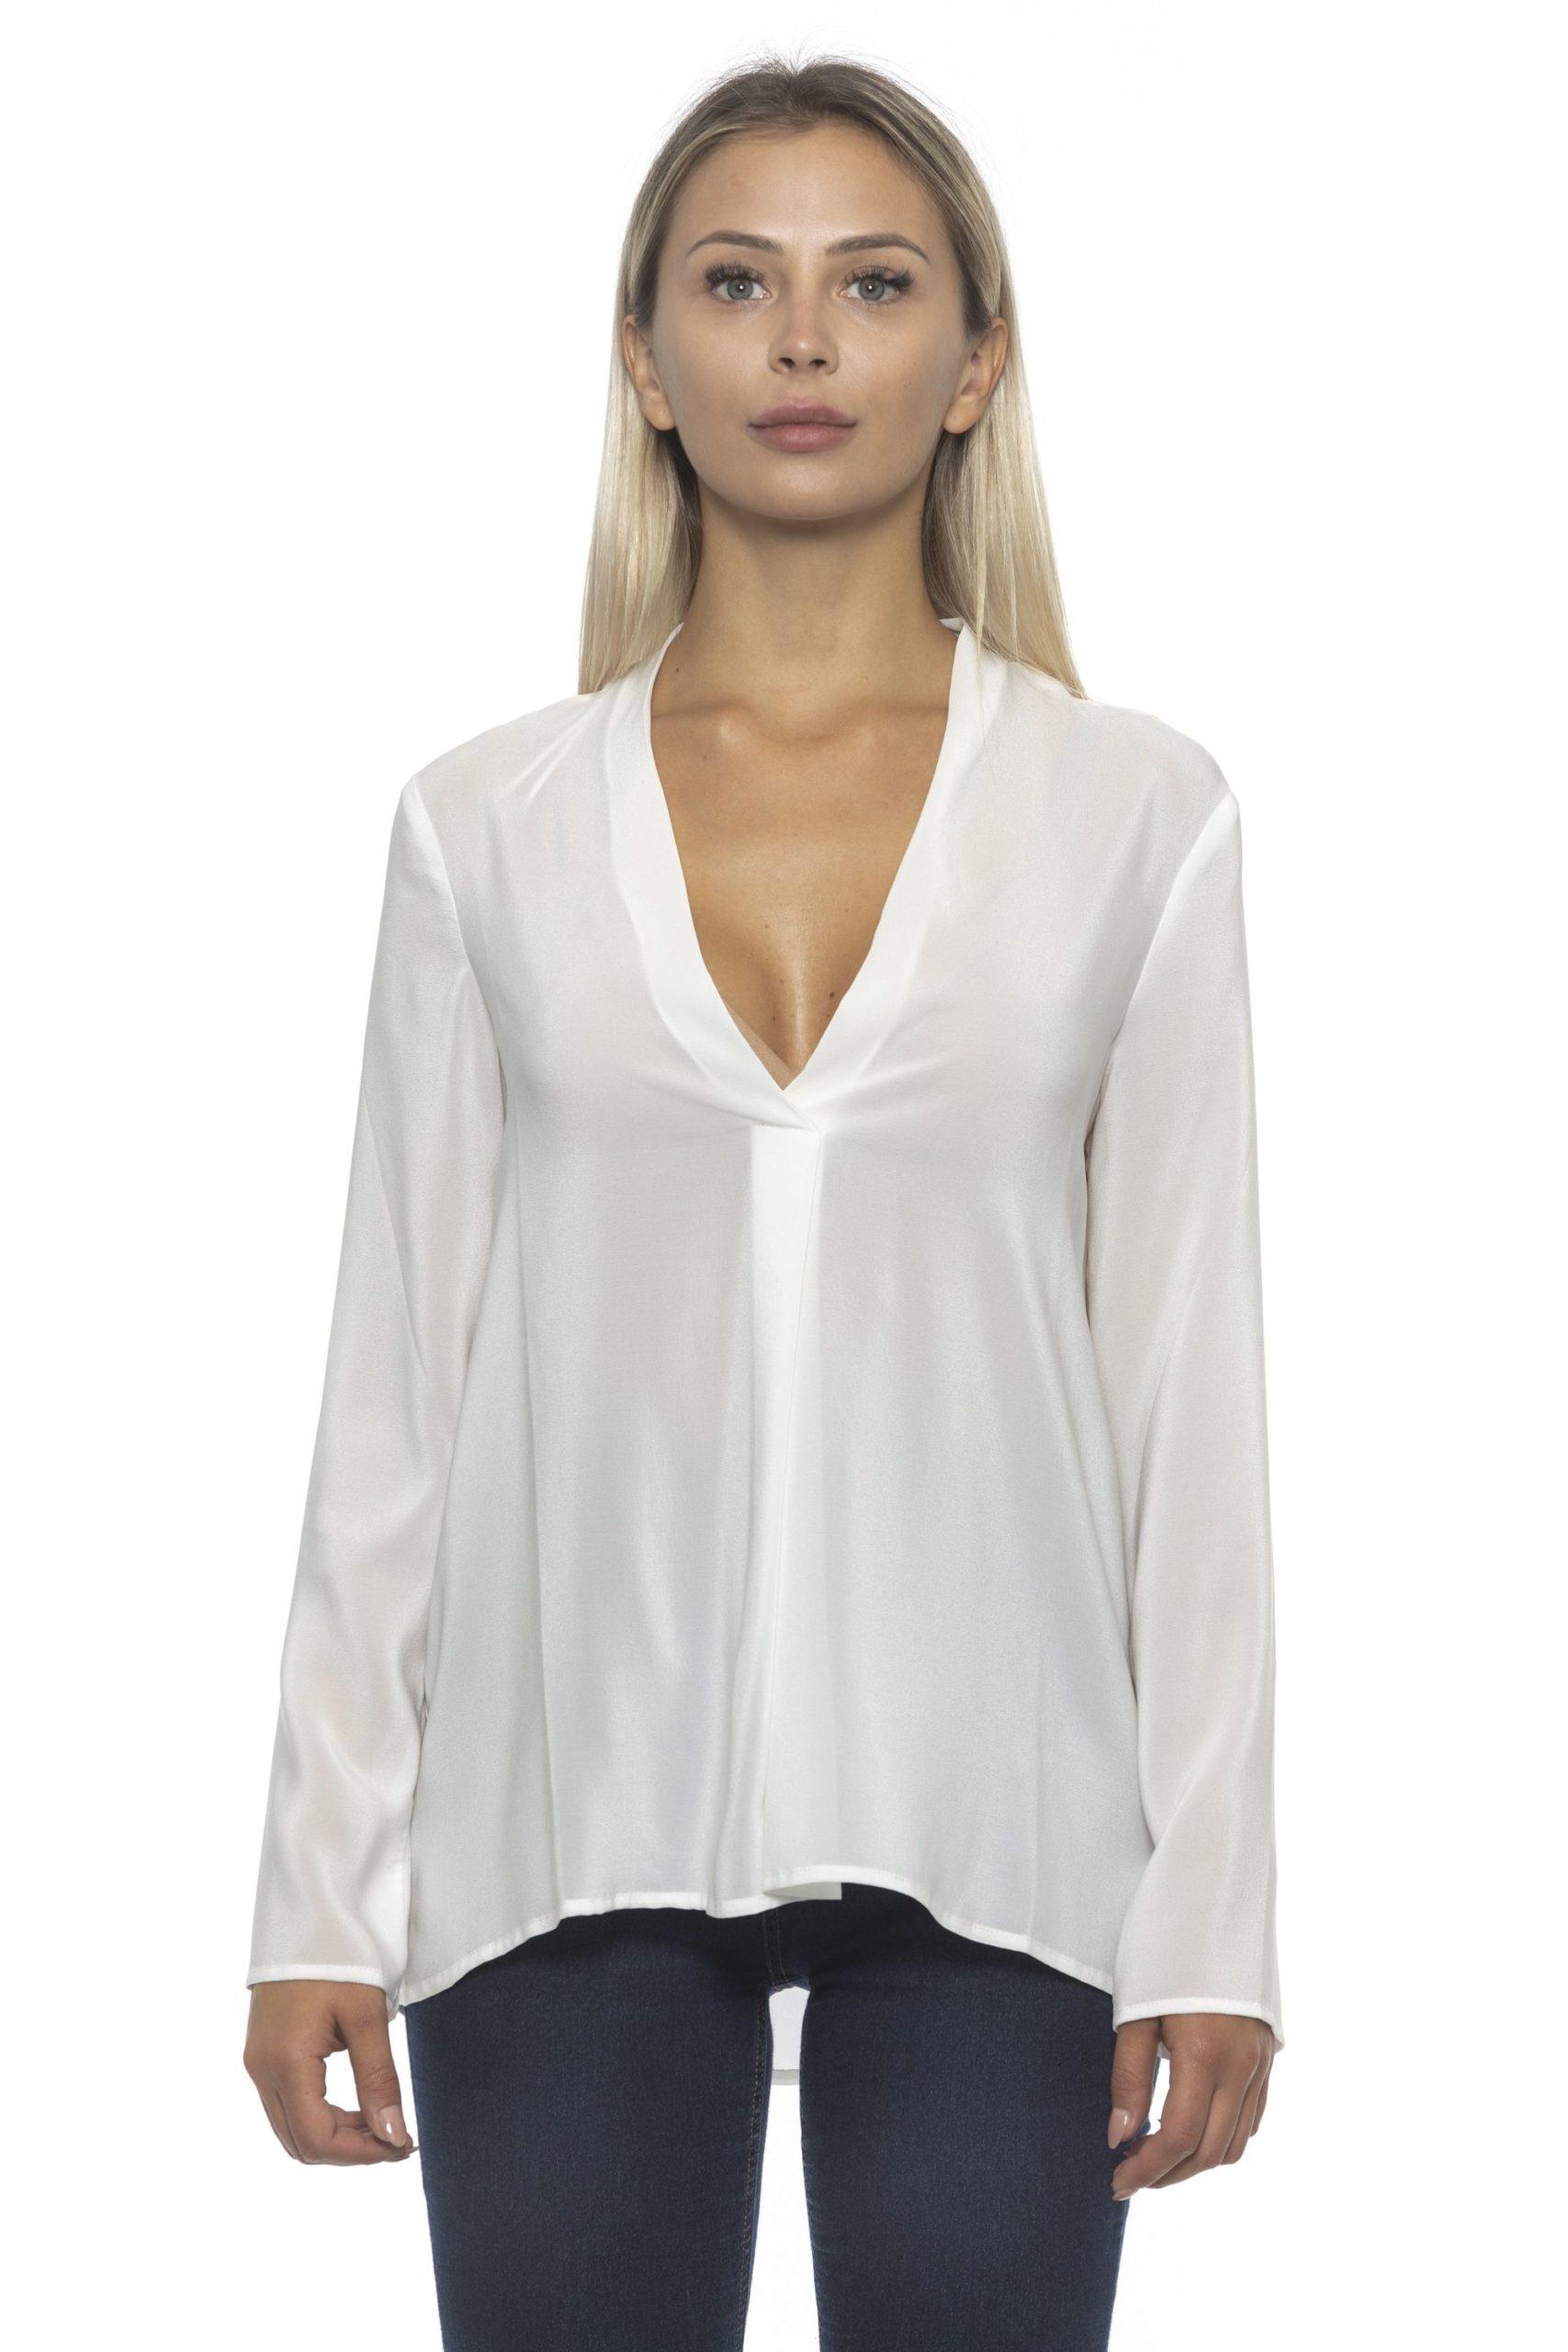 Alpha Studio Women's Latte Sweater White AL1192193-IT42-S - IT42 | S